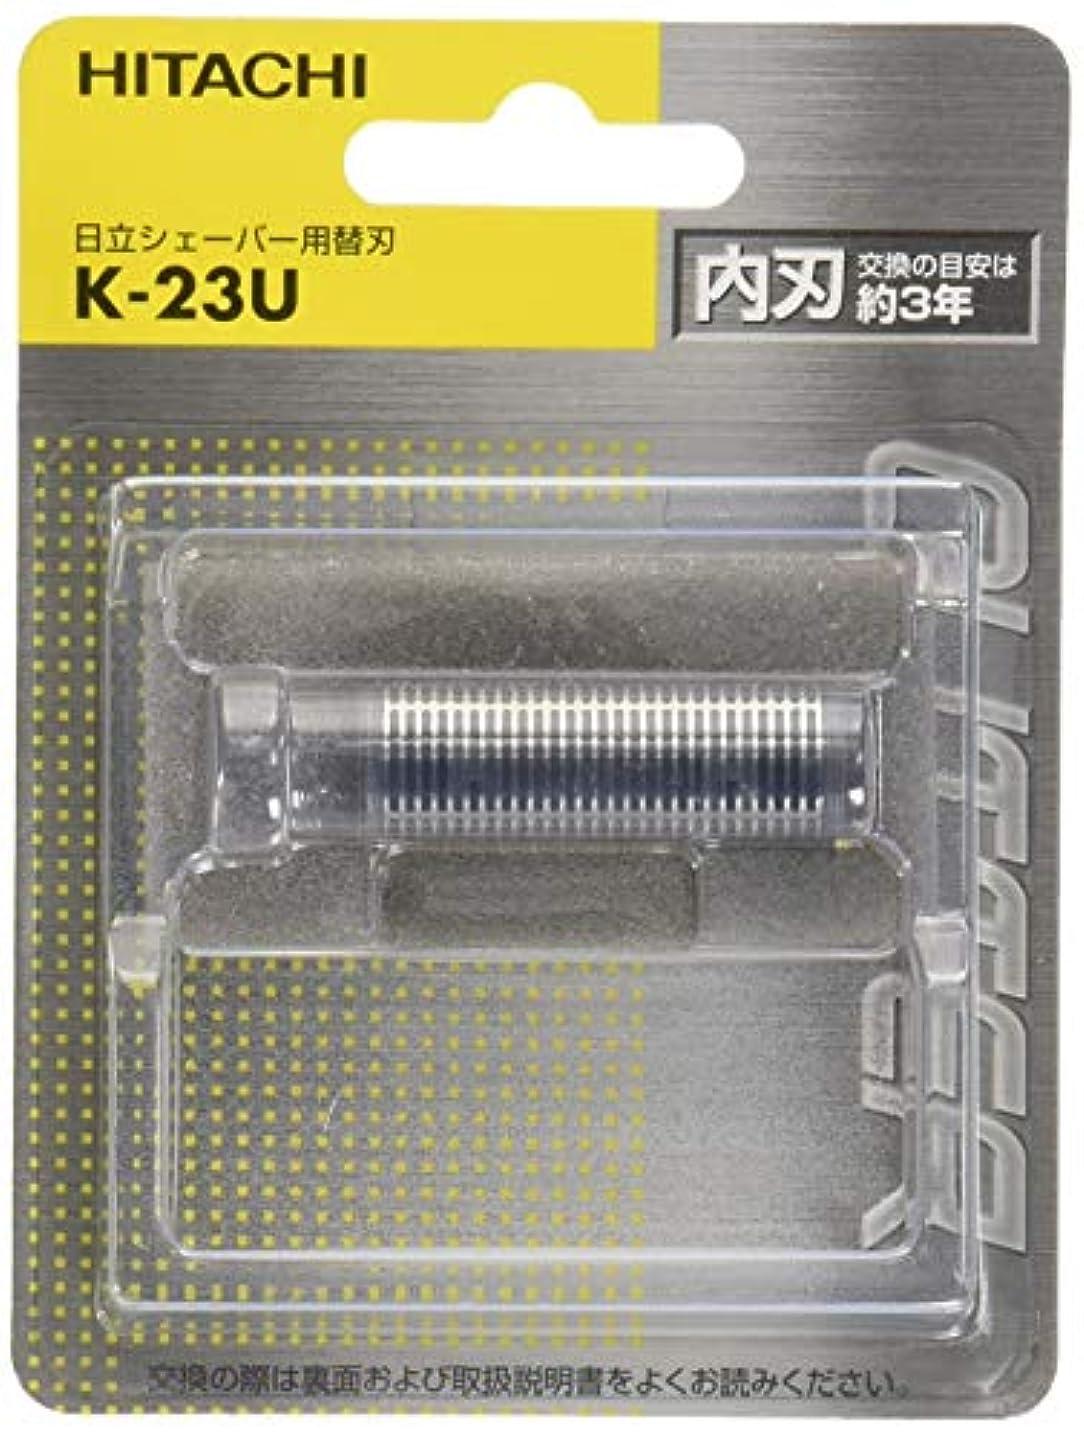 満州天皇チャレンジ日立 メンズシェーバー用替刃(内刃) K-23U